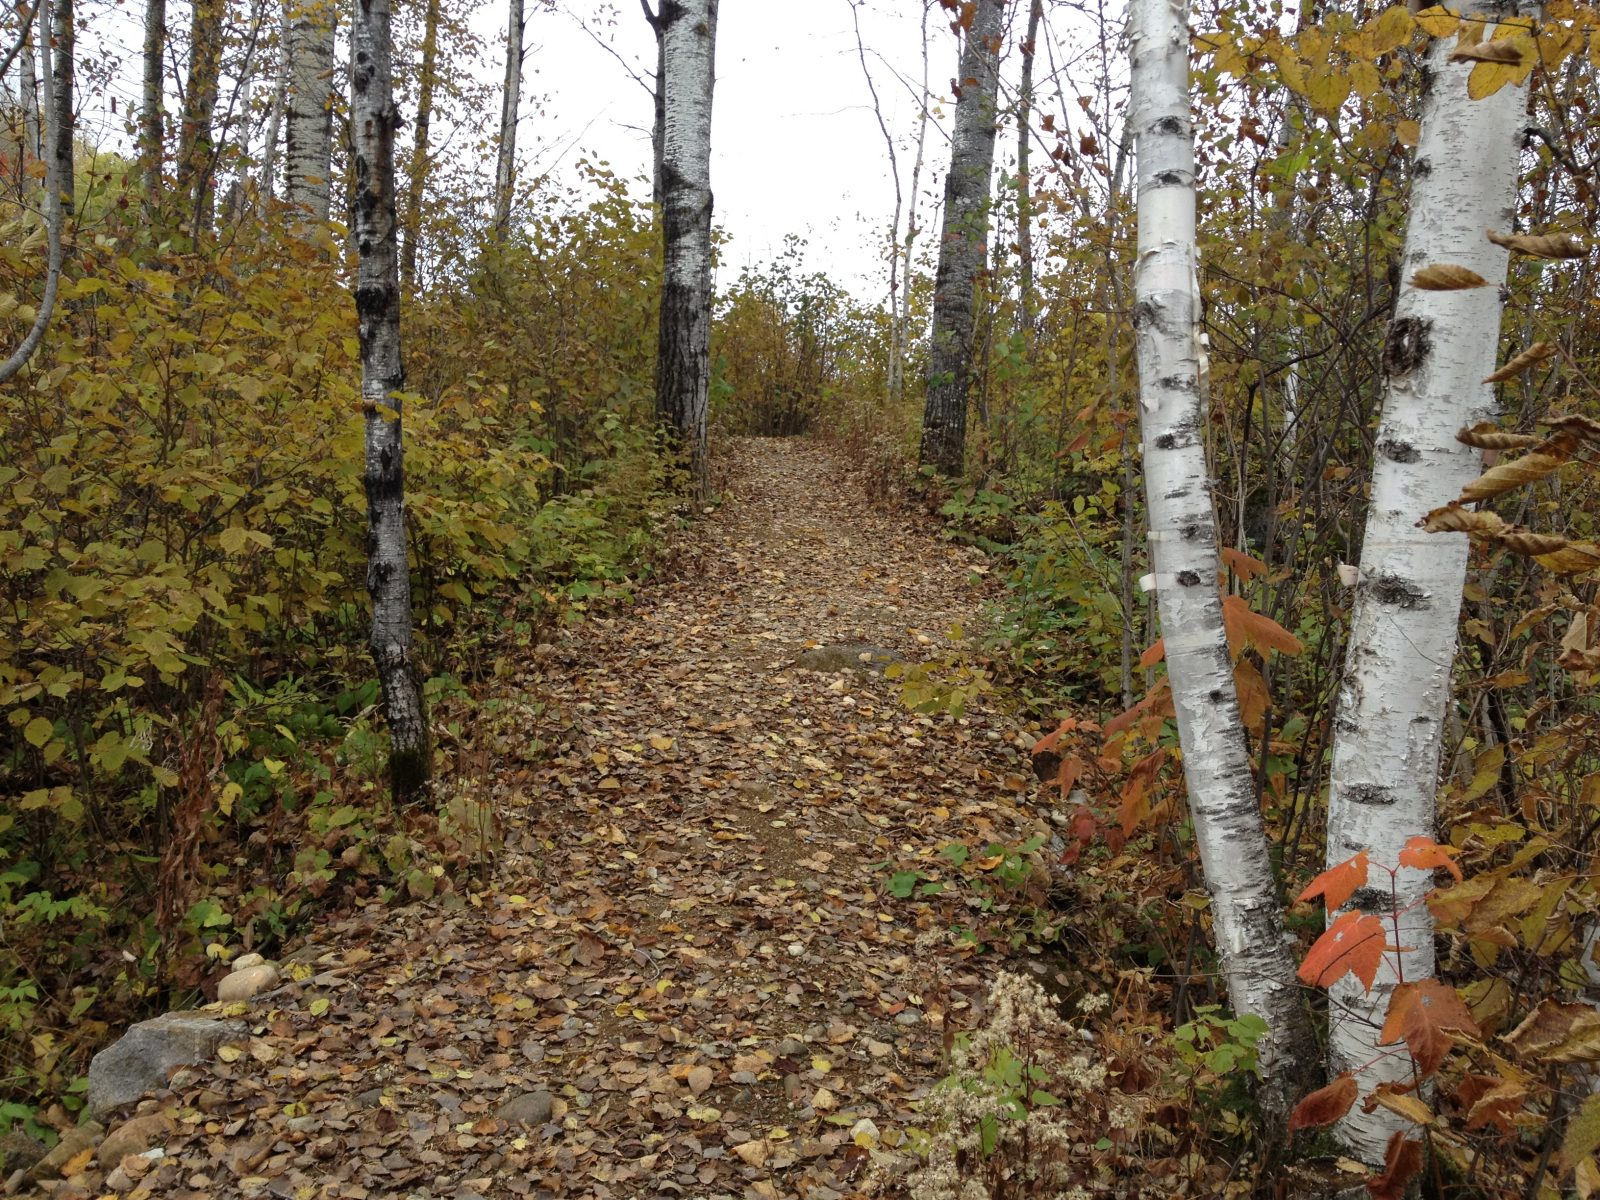 Davantage d'autonomie réclamée dans la gestion des forêts